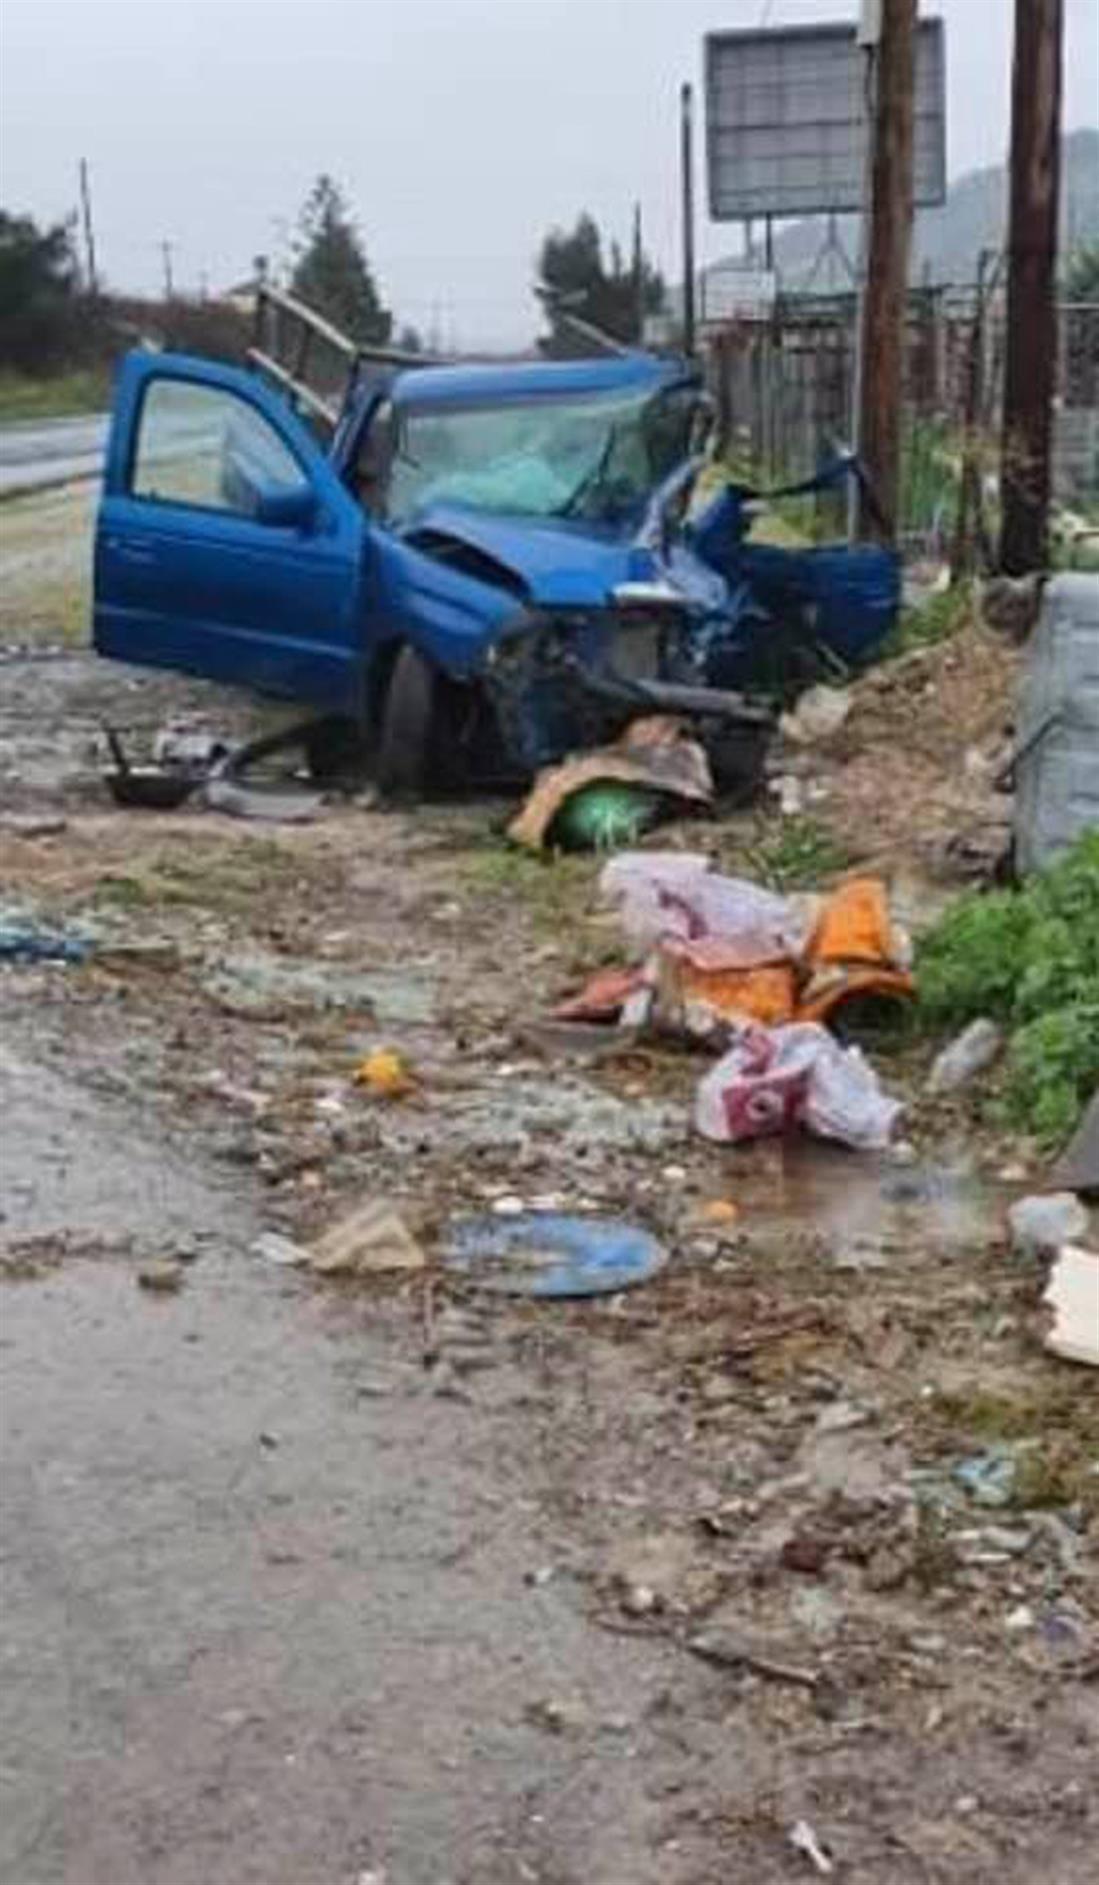 Εθνική Οδός - Κρήτη - τροχαίο δυστύχημα - 54χρονος